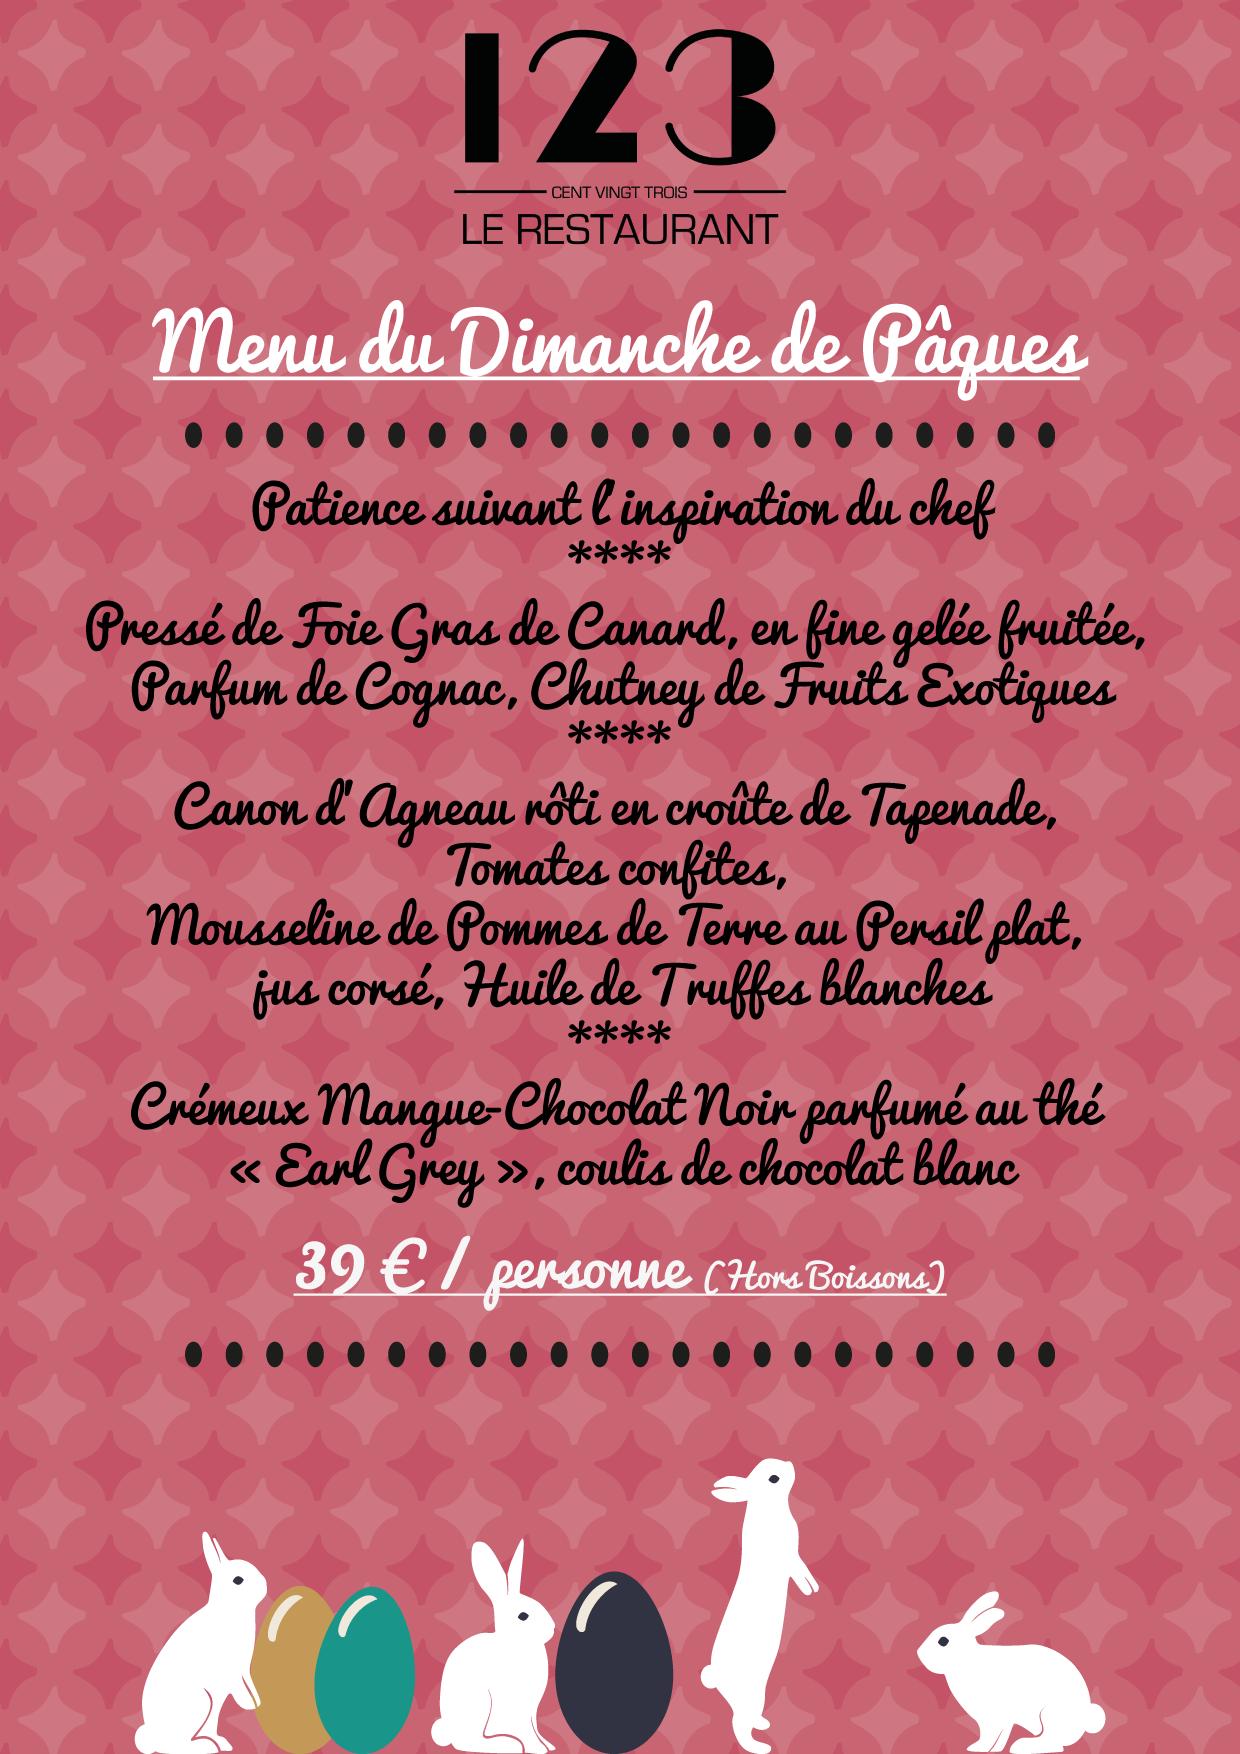 Sonnez les #cloches : #Pâques2015 se déroule aussi à L'Hôtel et Hôtel & Spa du Château**** - la Rochelle. Découvrez notre menu du 05 Avril. En famille ou en amis, ne ratez pas une occasion de vous évader. #larochelle #bonsplans #charentemaritme